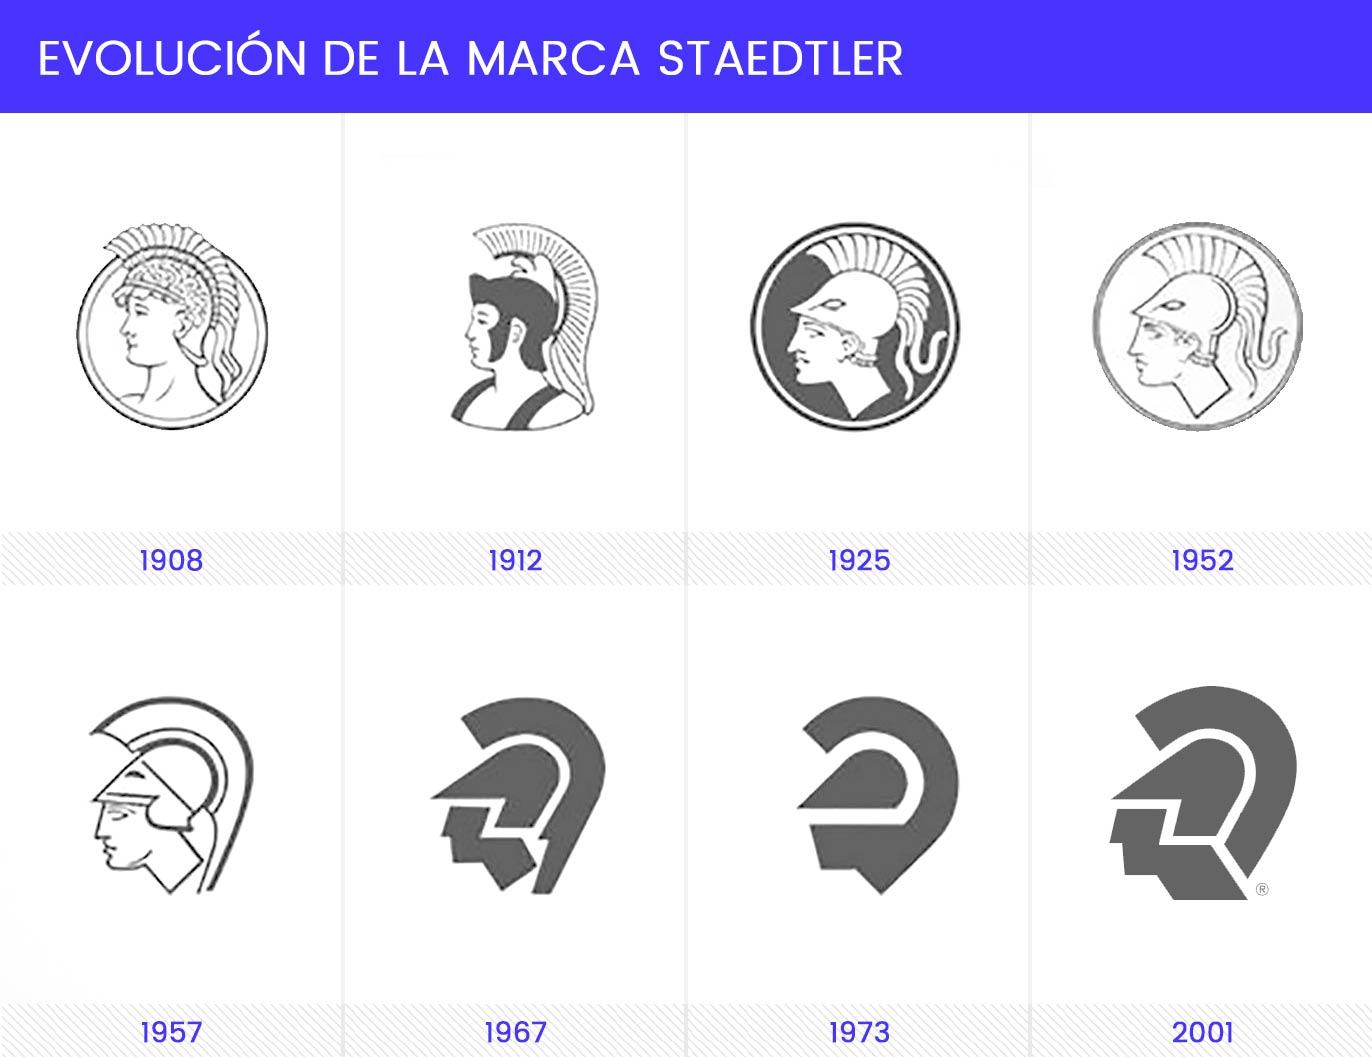 Evolución del isotipo de Staedtler